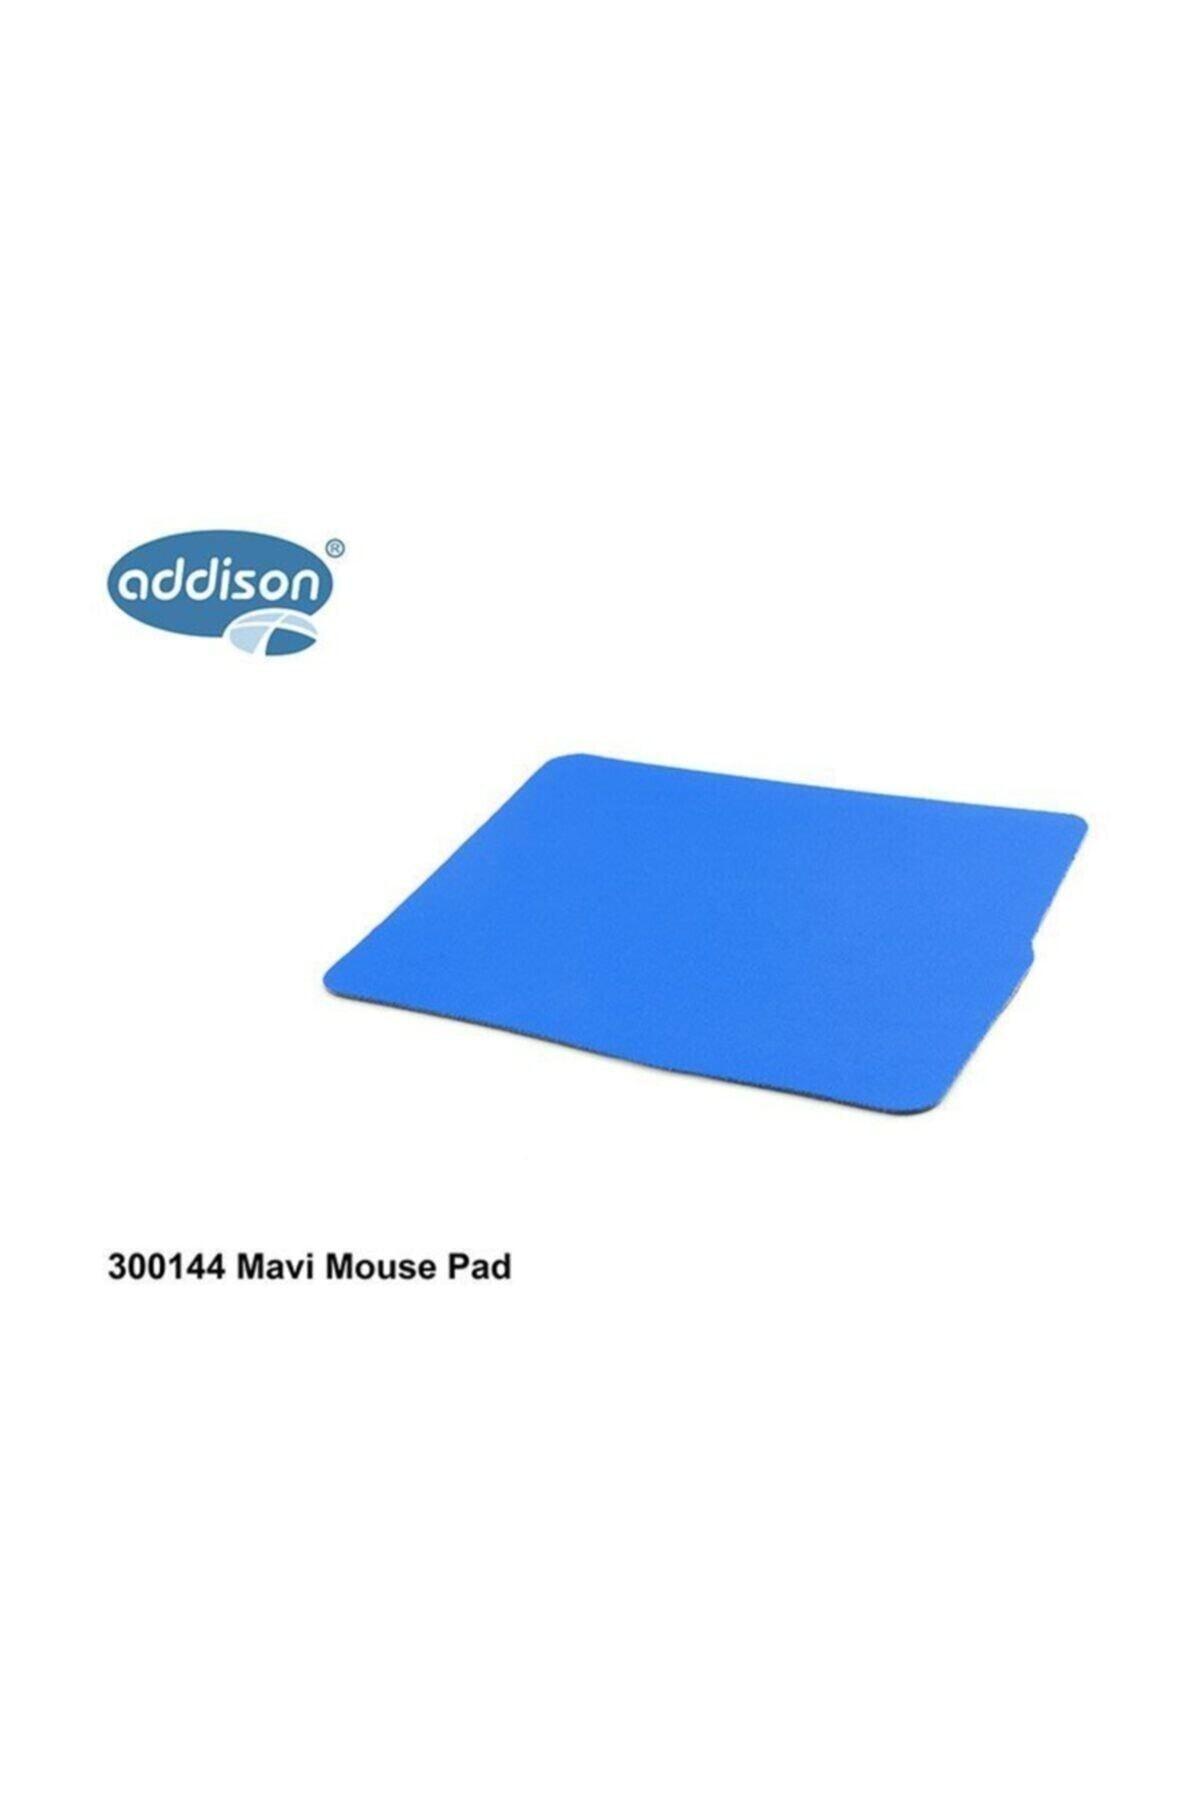 ADDISON 300144 Mavi Mouse Pad 2